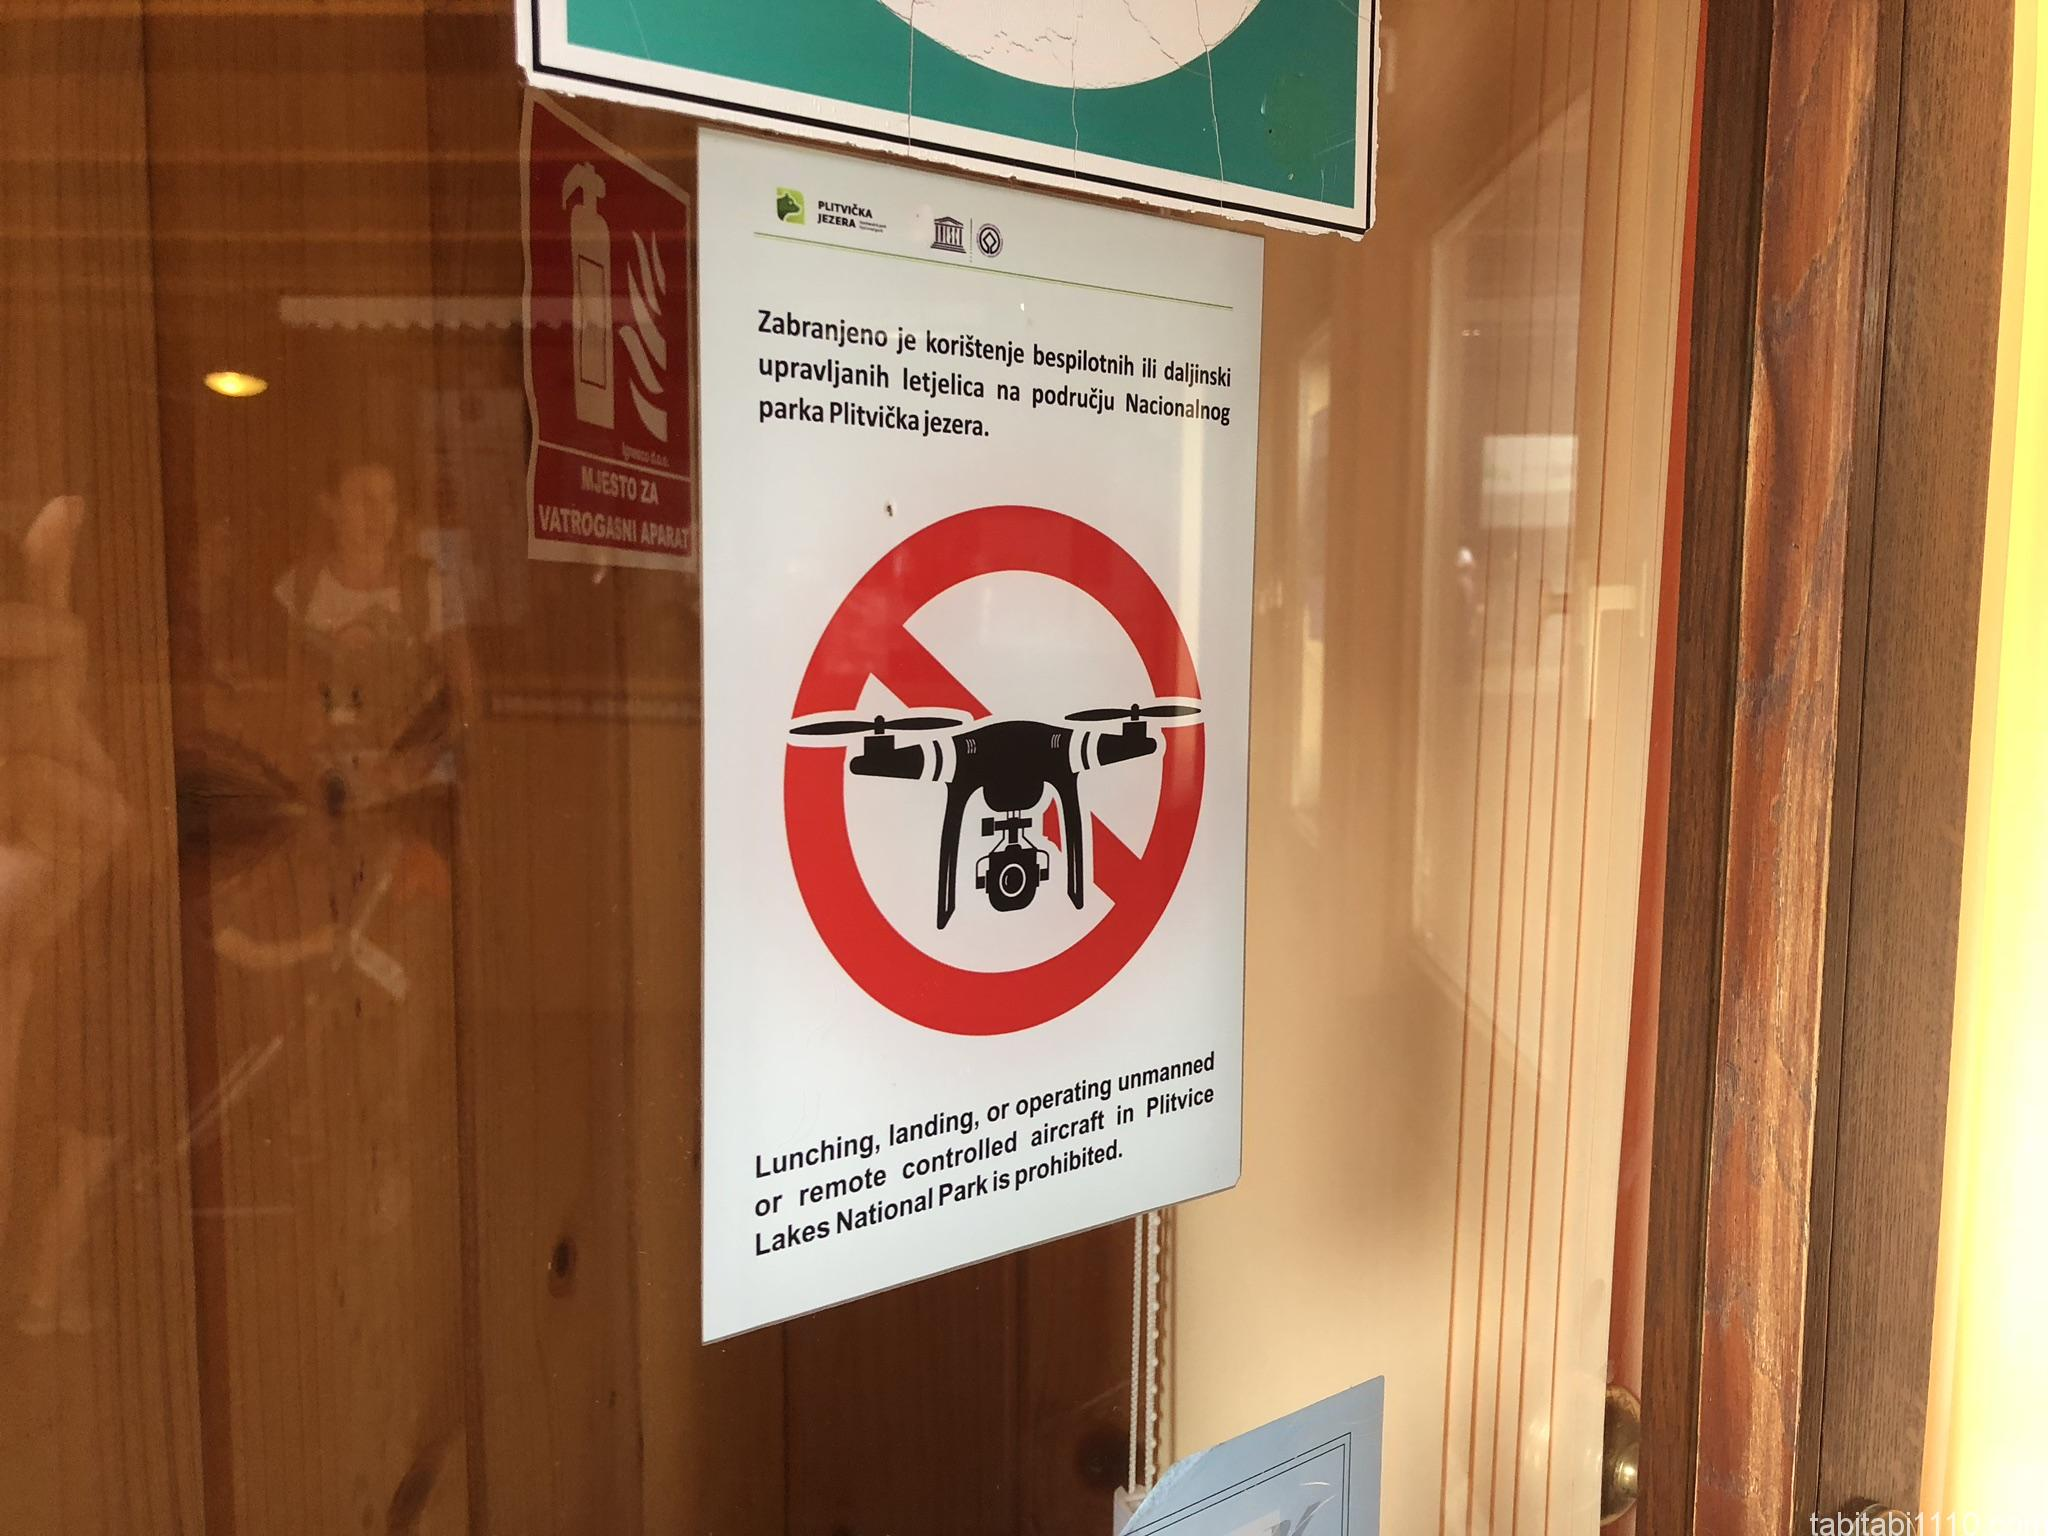 プリトヴィッチェ湖群国立公園|ドローン禁止